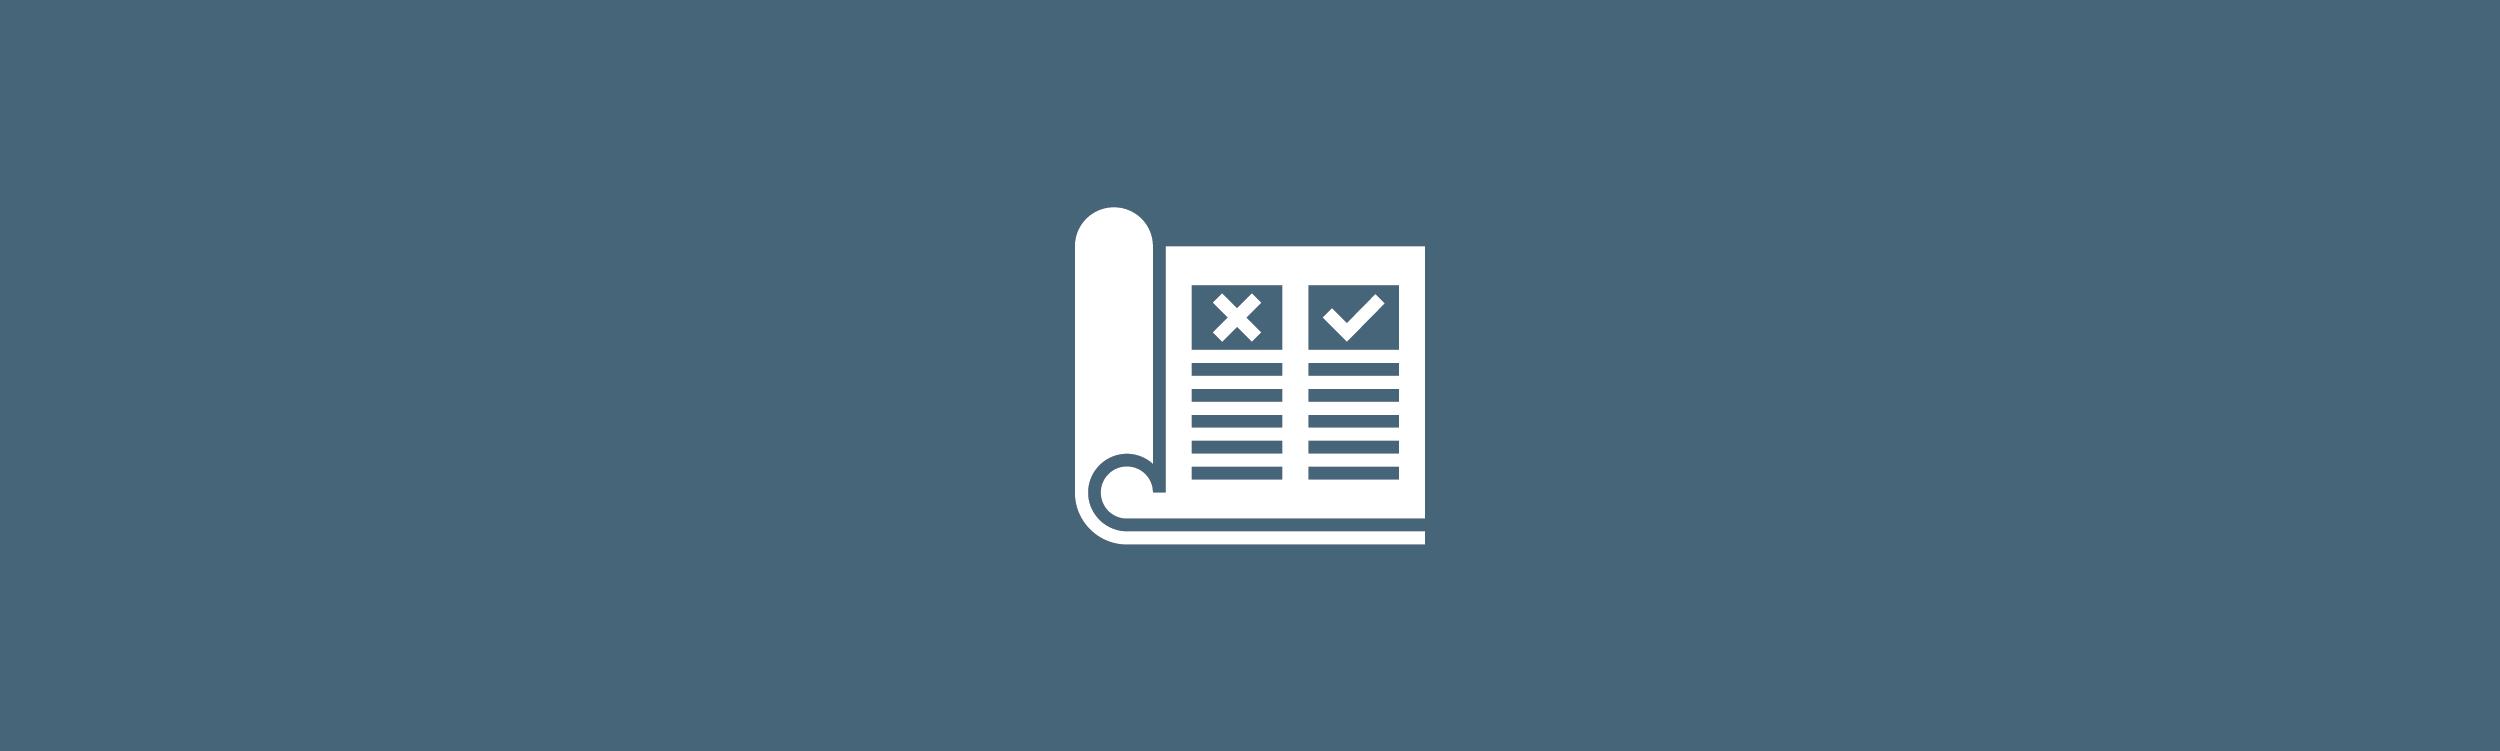 Top Ten Myths About Riskalyze's Enterprise Solutions